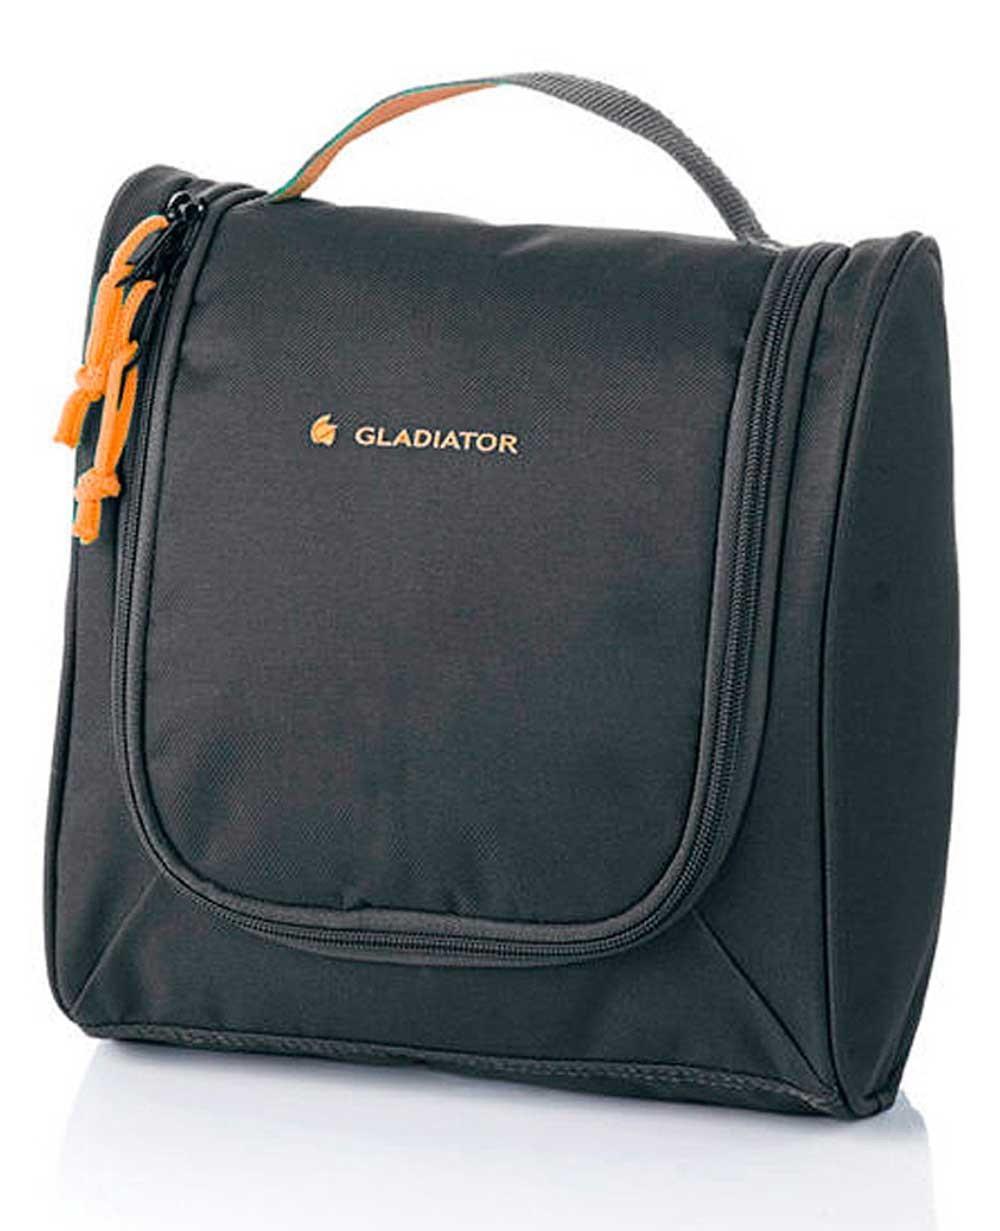 Gladiator Expedition Neceser Negro